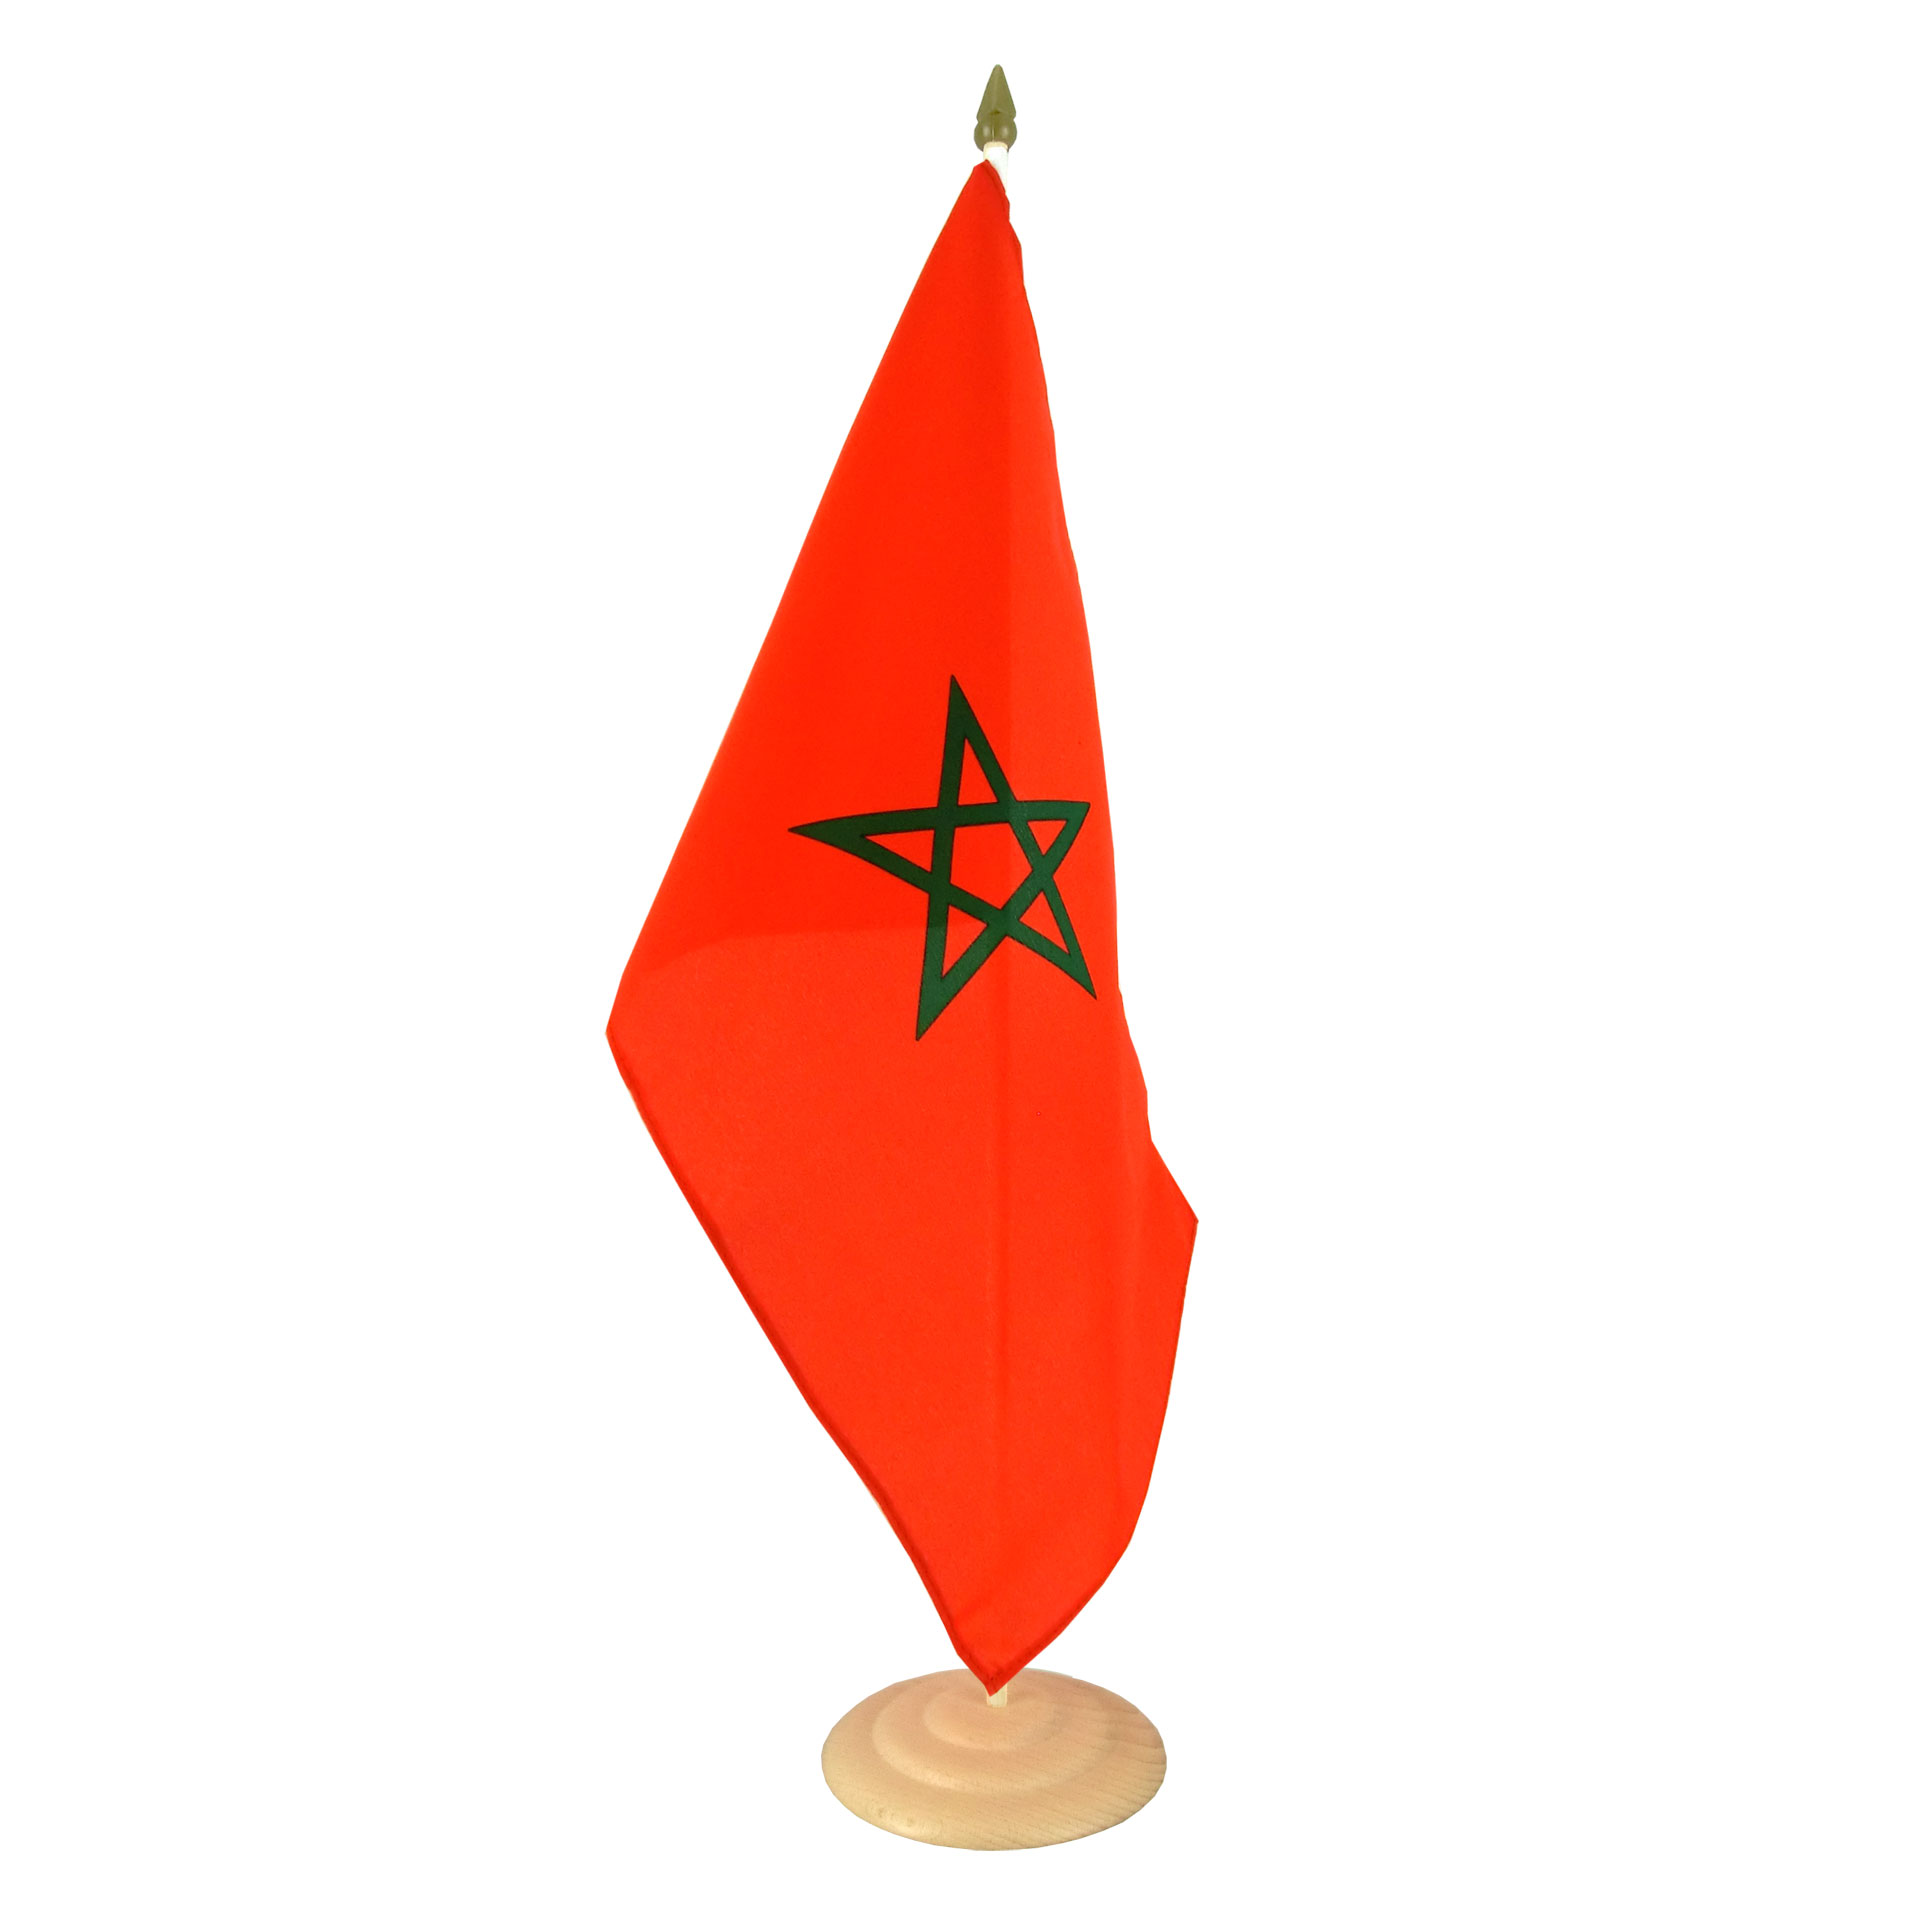 Grand drapeau de table maroc 30 x 45 cm m drapeaux - Drapeau du maroc a imprimer ...